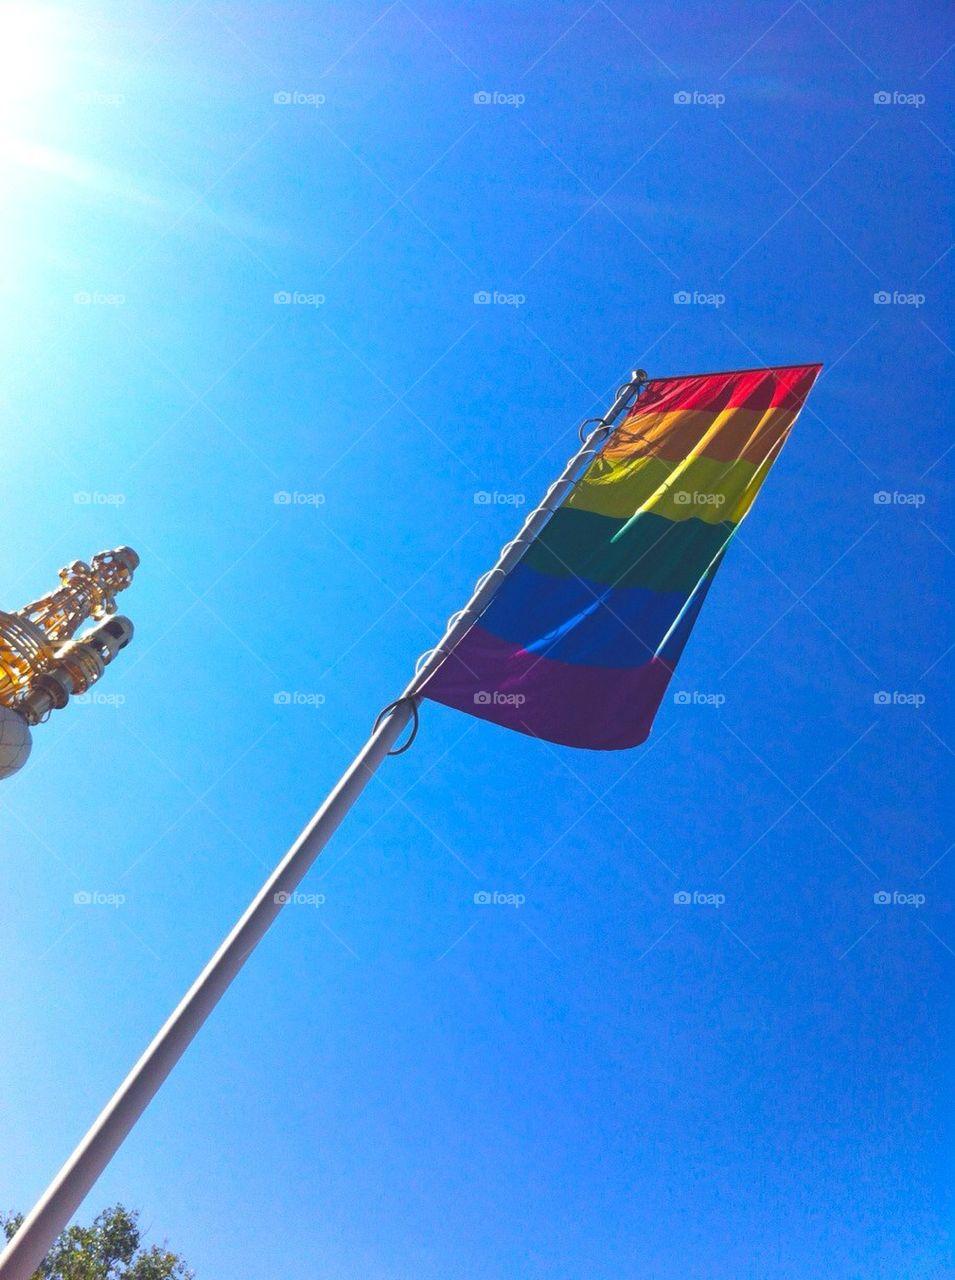 Prideflag outside Dramaten, Stockholm, Sweden